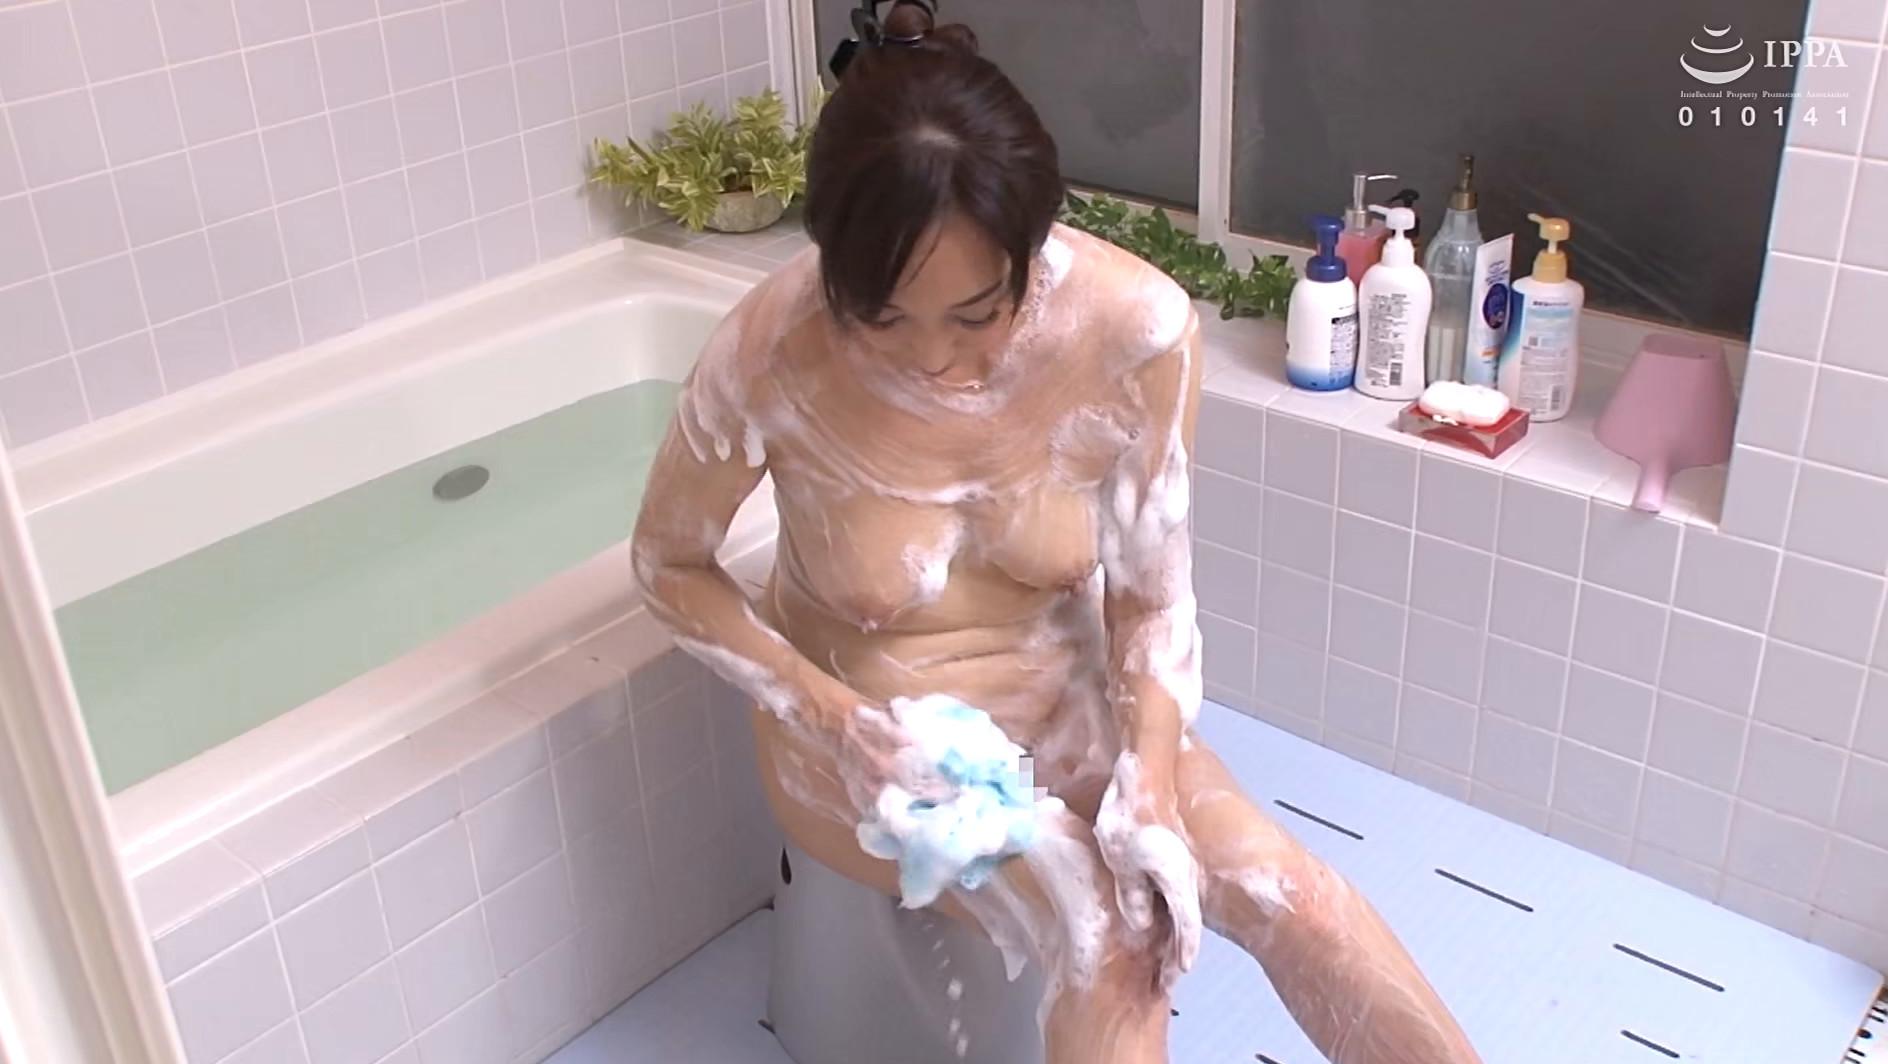 濡れそぼる、母の乳房を、見ていたら。DX 10人4時間 画像1